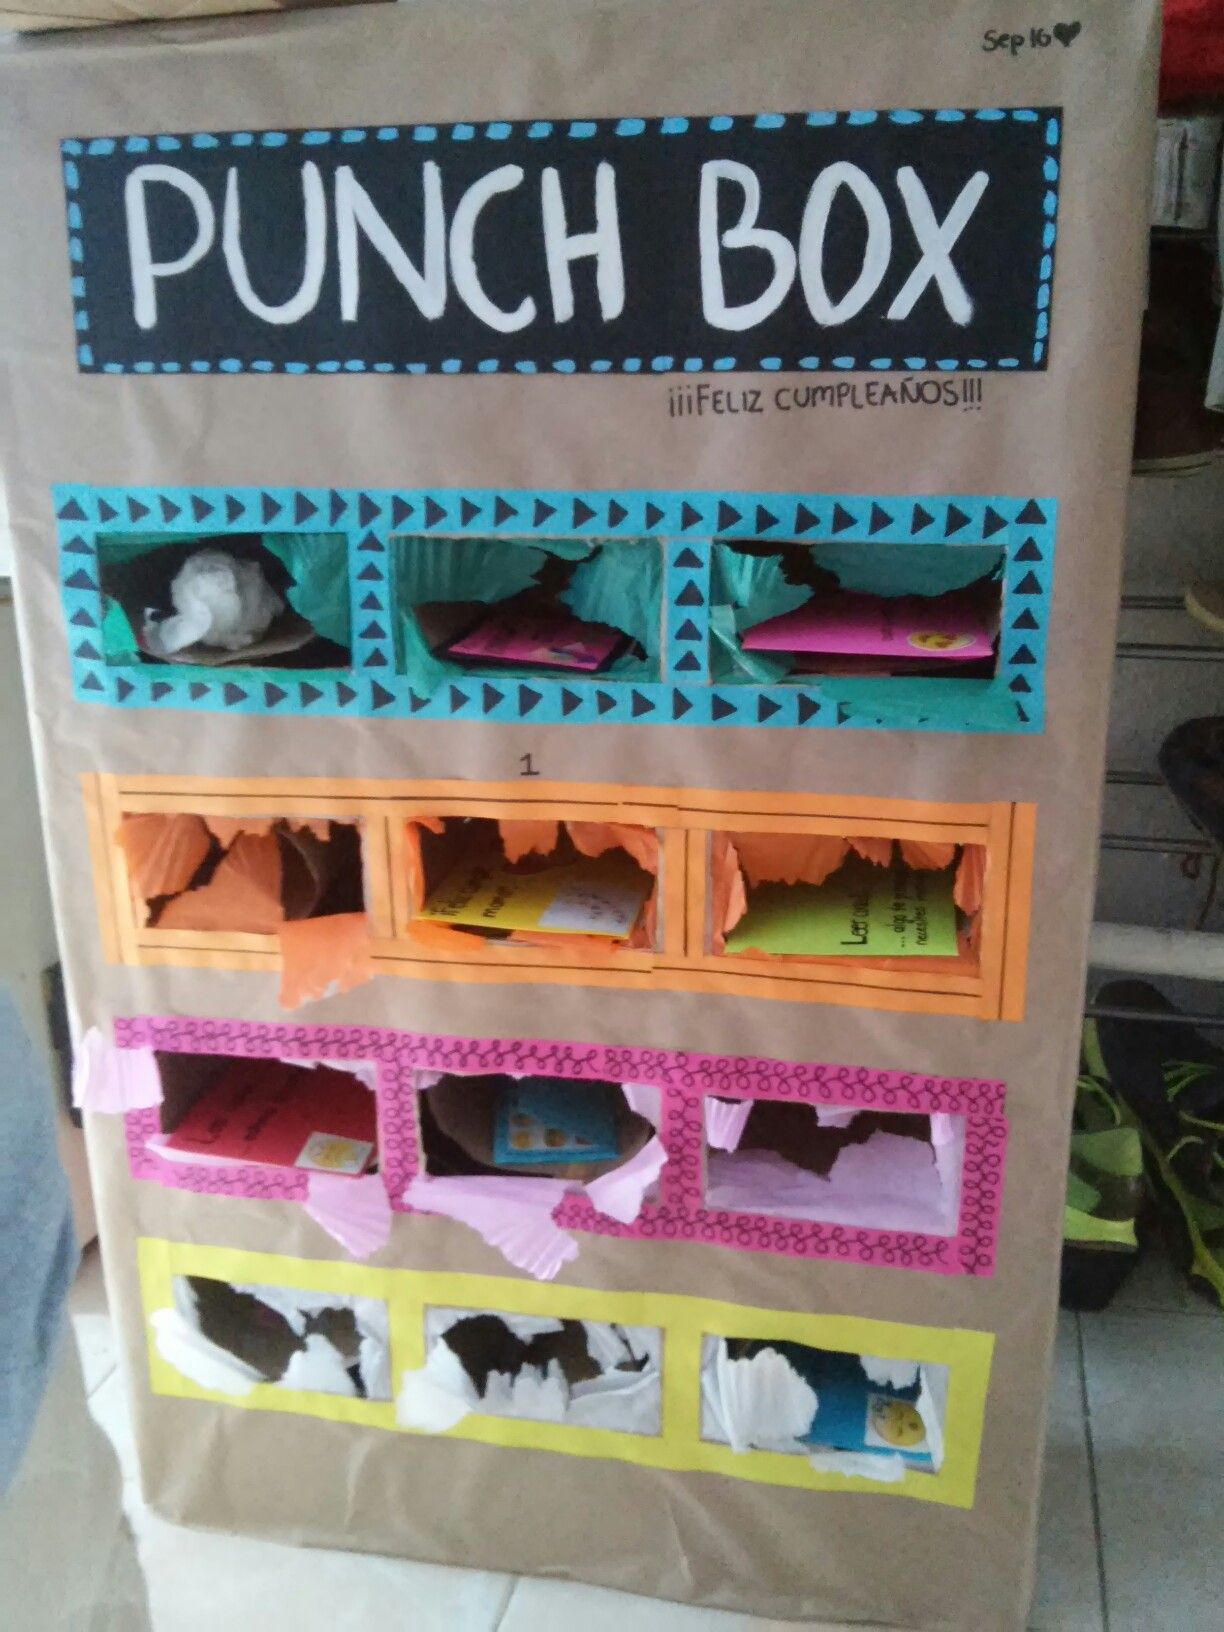 Punch box caja de sorpresas descubre lo que hay dentro - Ideas para sorprender en un cumpleanos ...